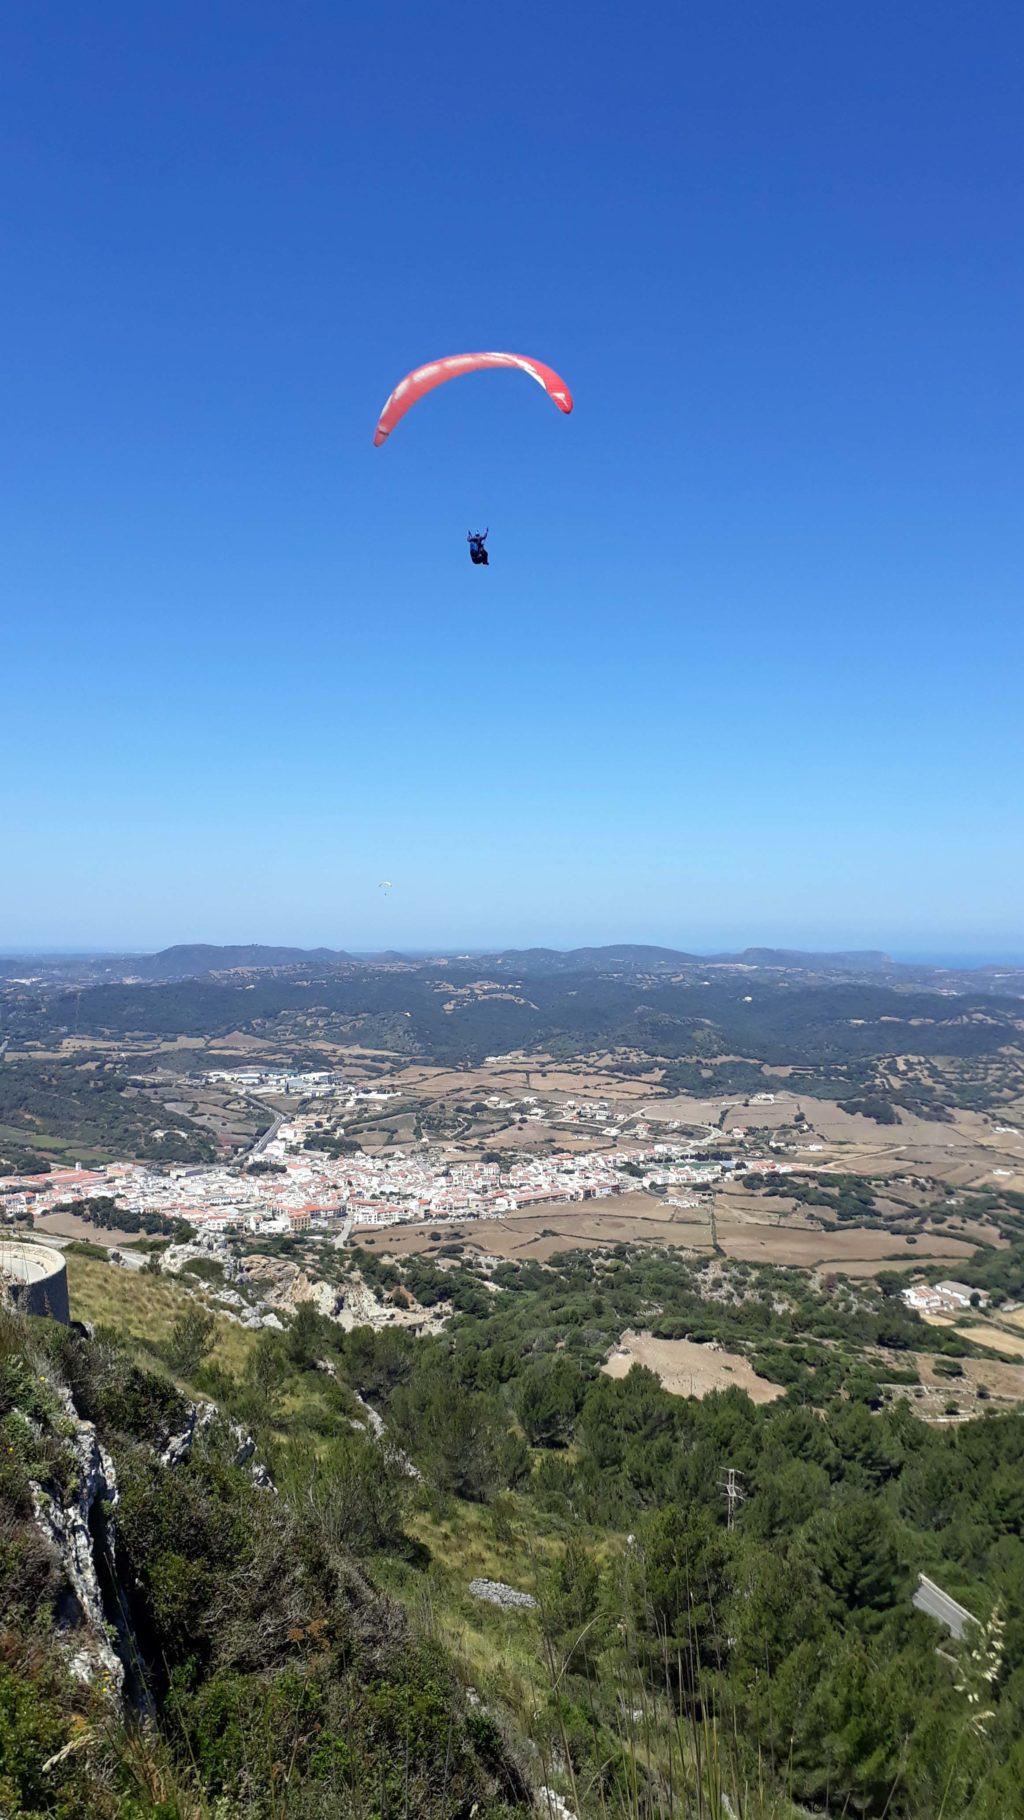 Paraglider vor dem Berg Monte Toro, dem höchsten Punkt Menorcas